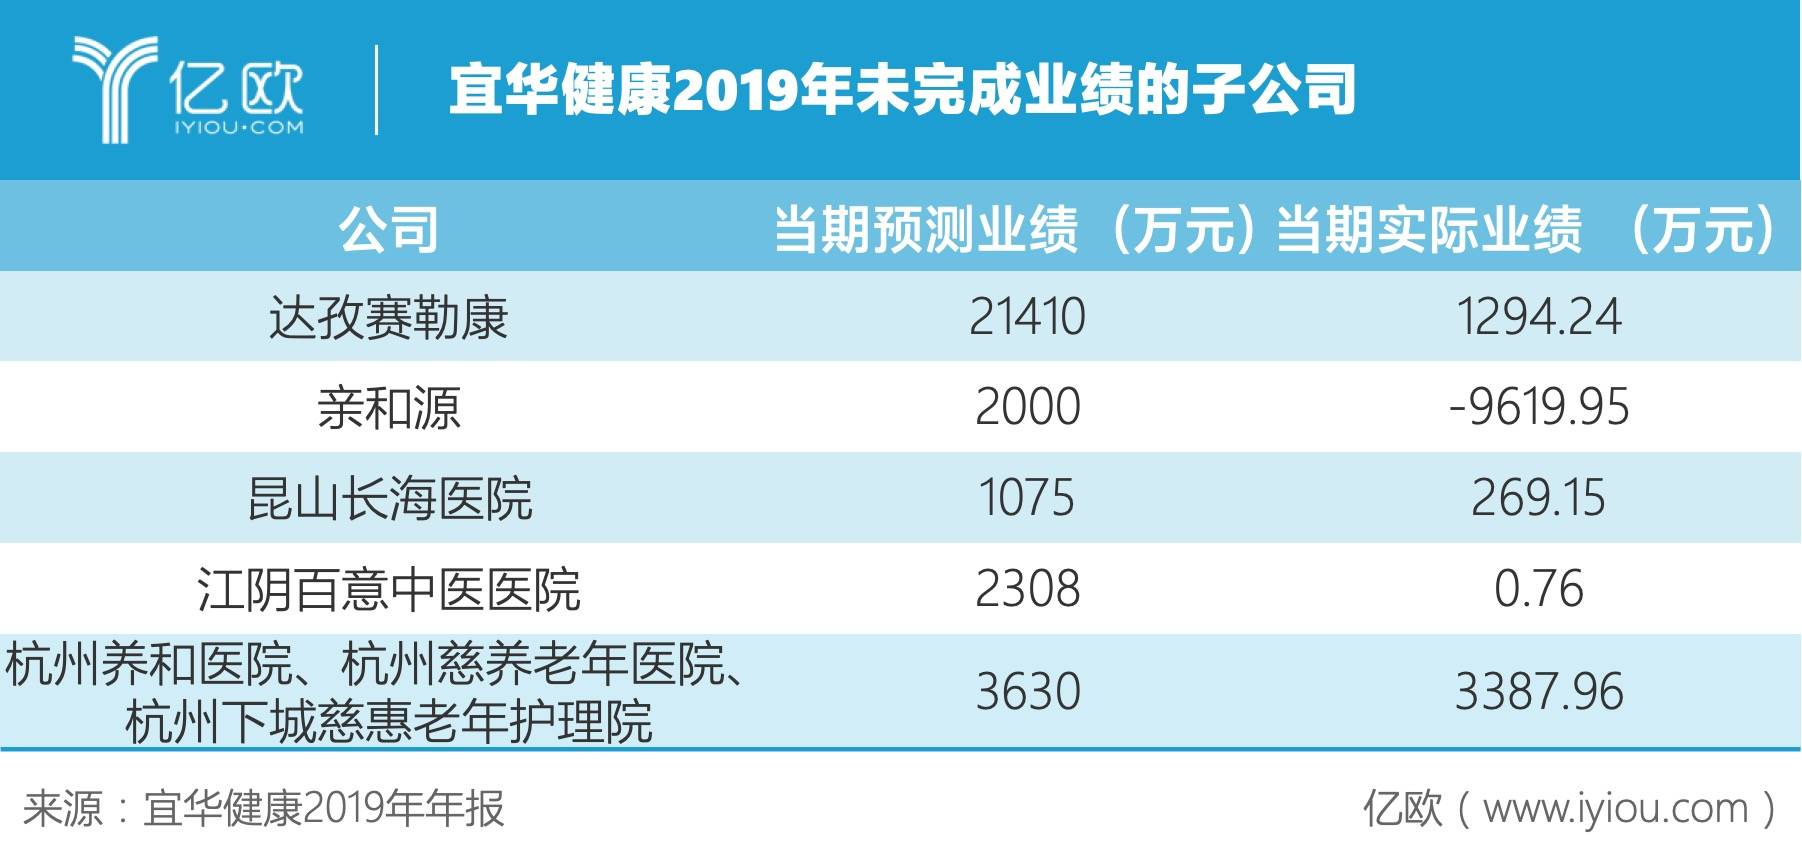 宜华健康2019年未完成业绩的子公司.jpeg